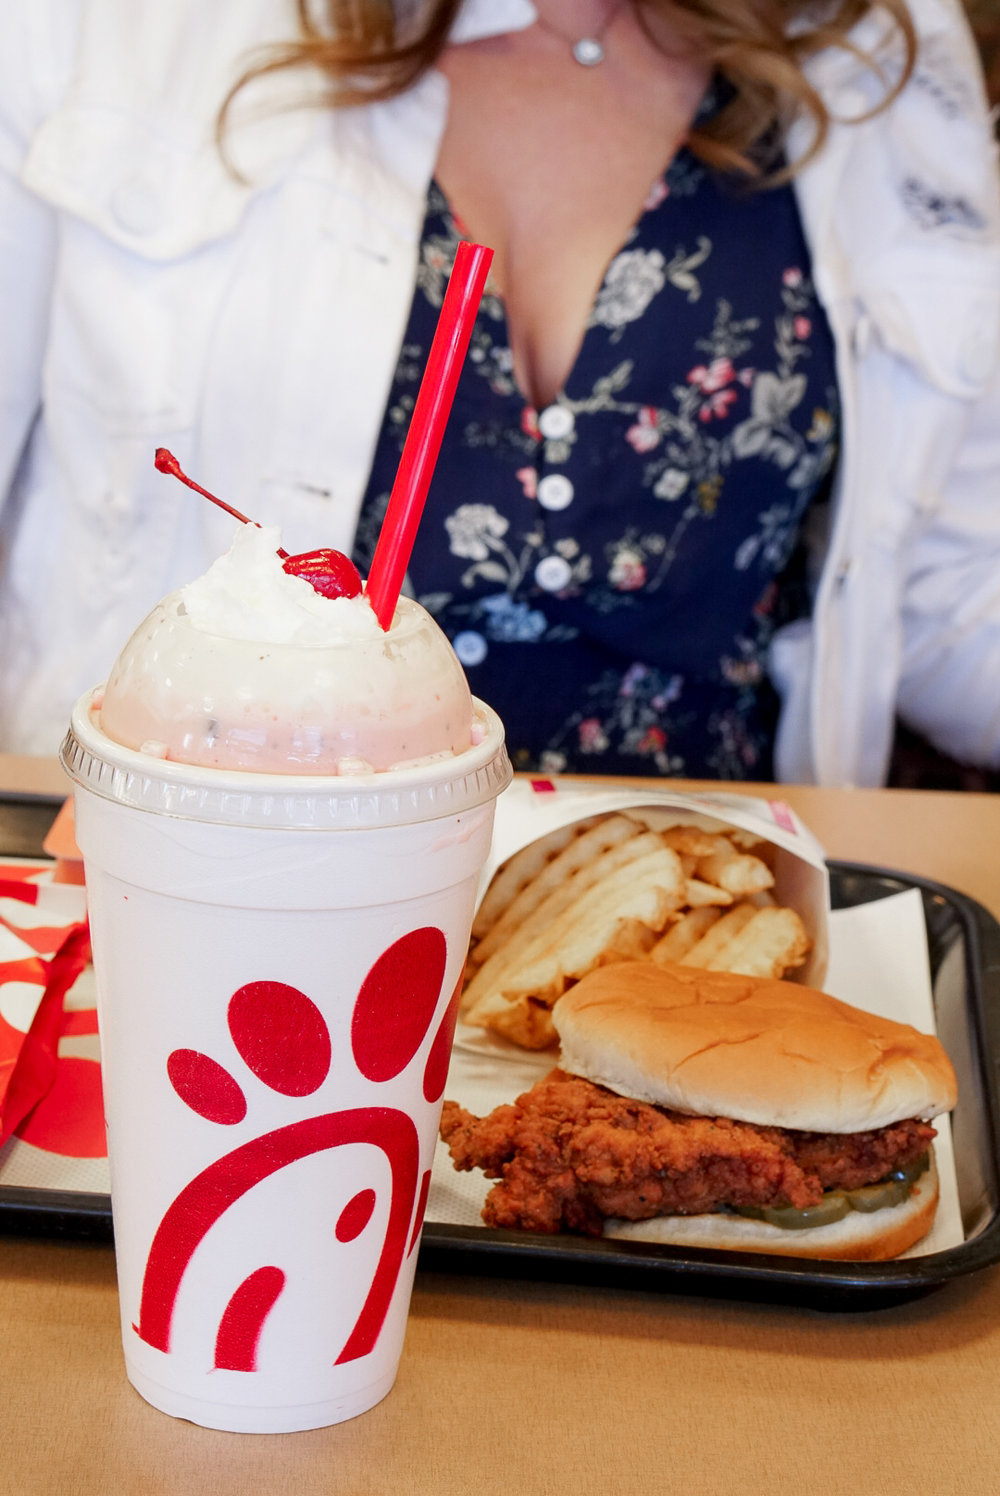 How many Chick-fil-A secret menu items do YOU know?